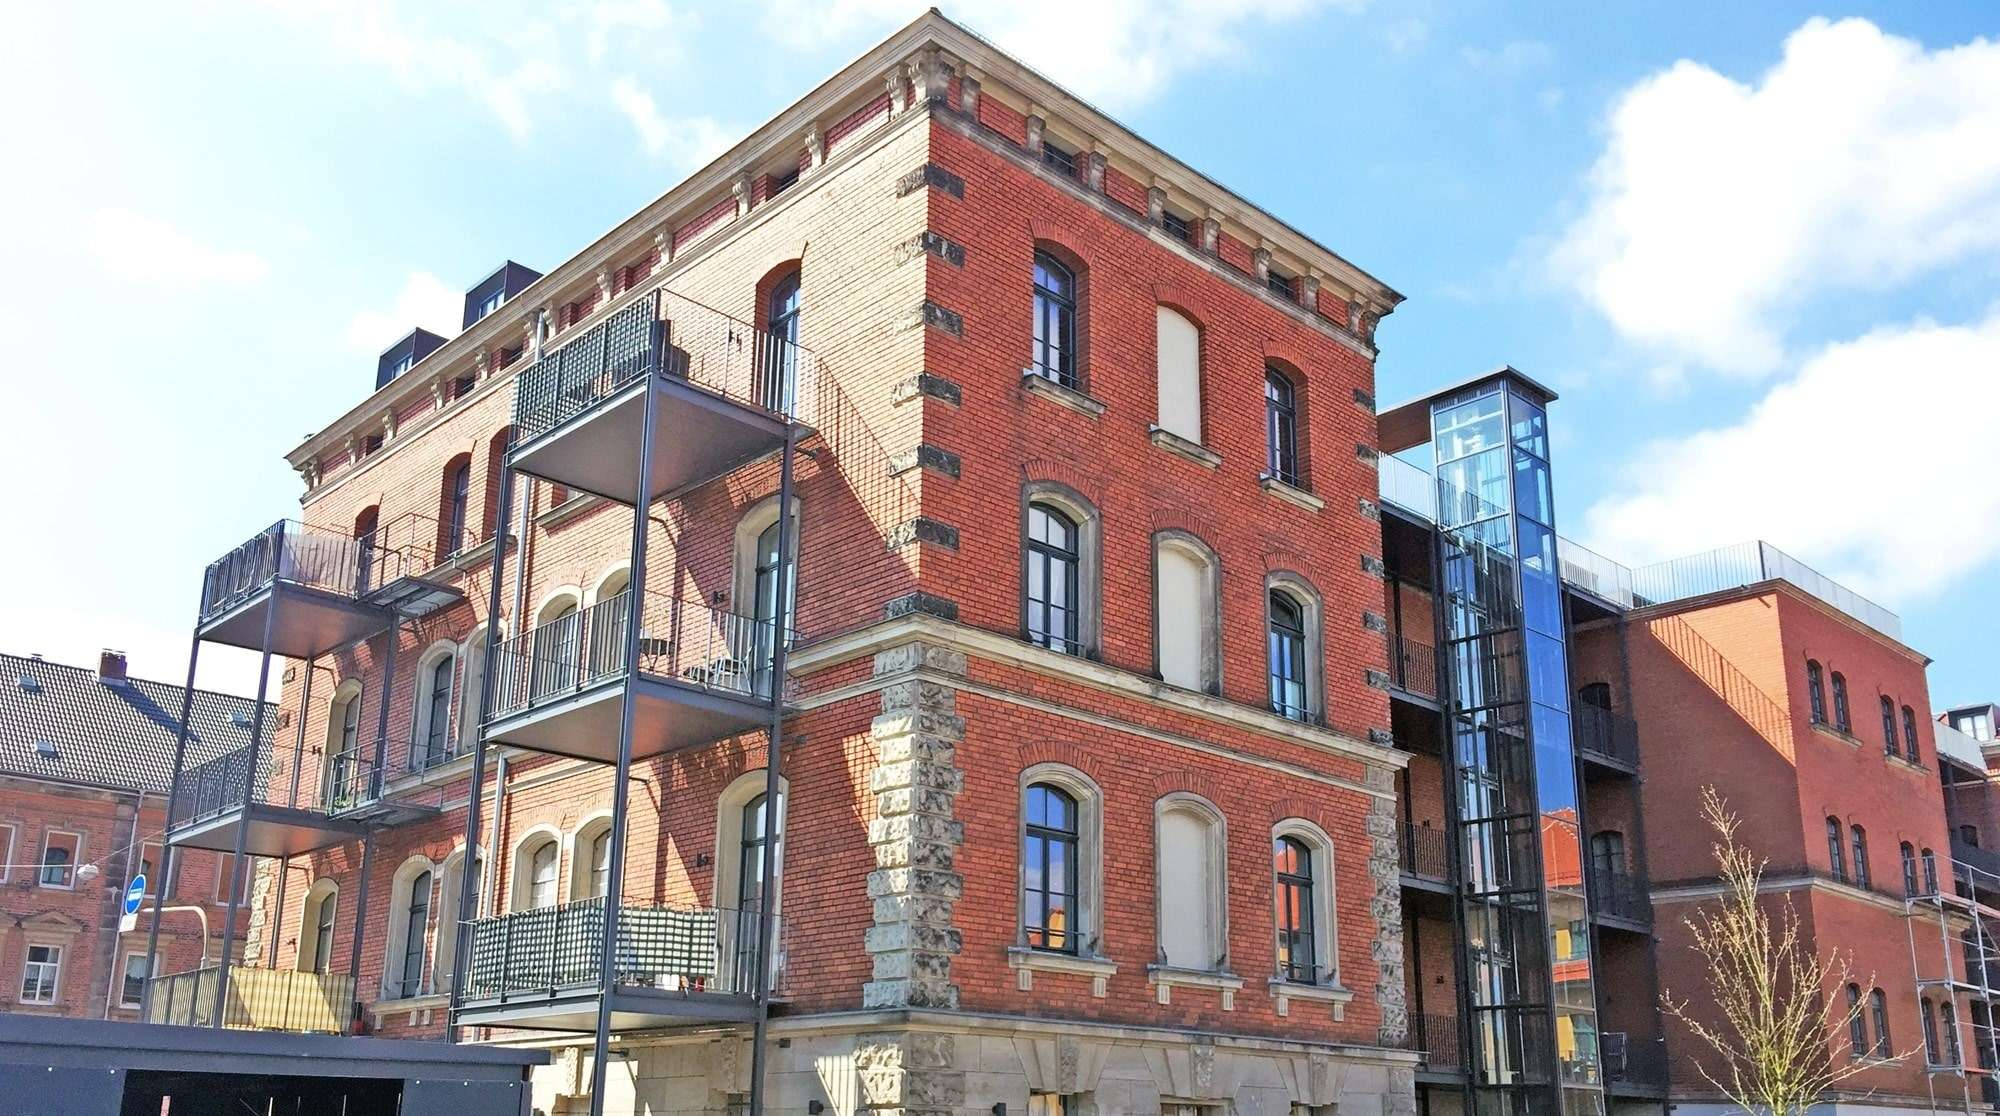 Voll möbliertes Apartment in  Erlangen - verschiedene Größen in Erlangen Süd (Erlangen)